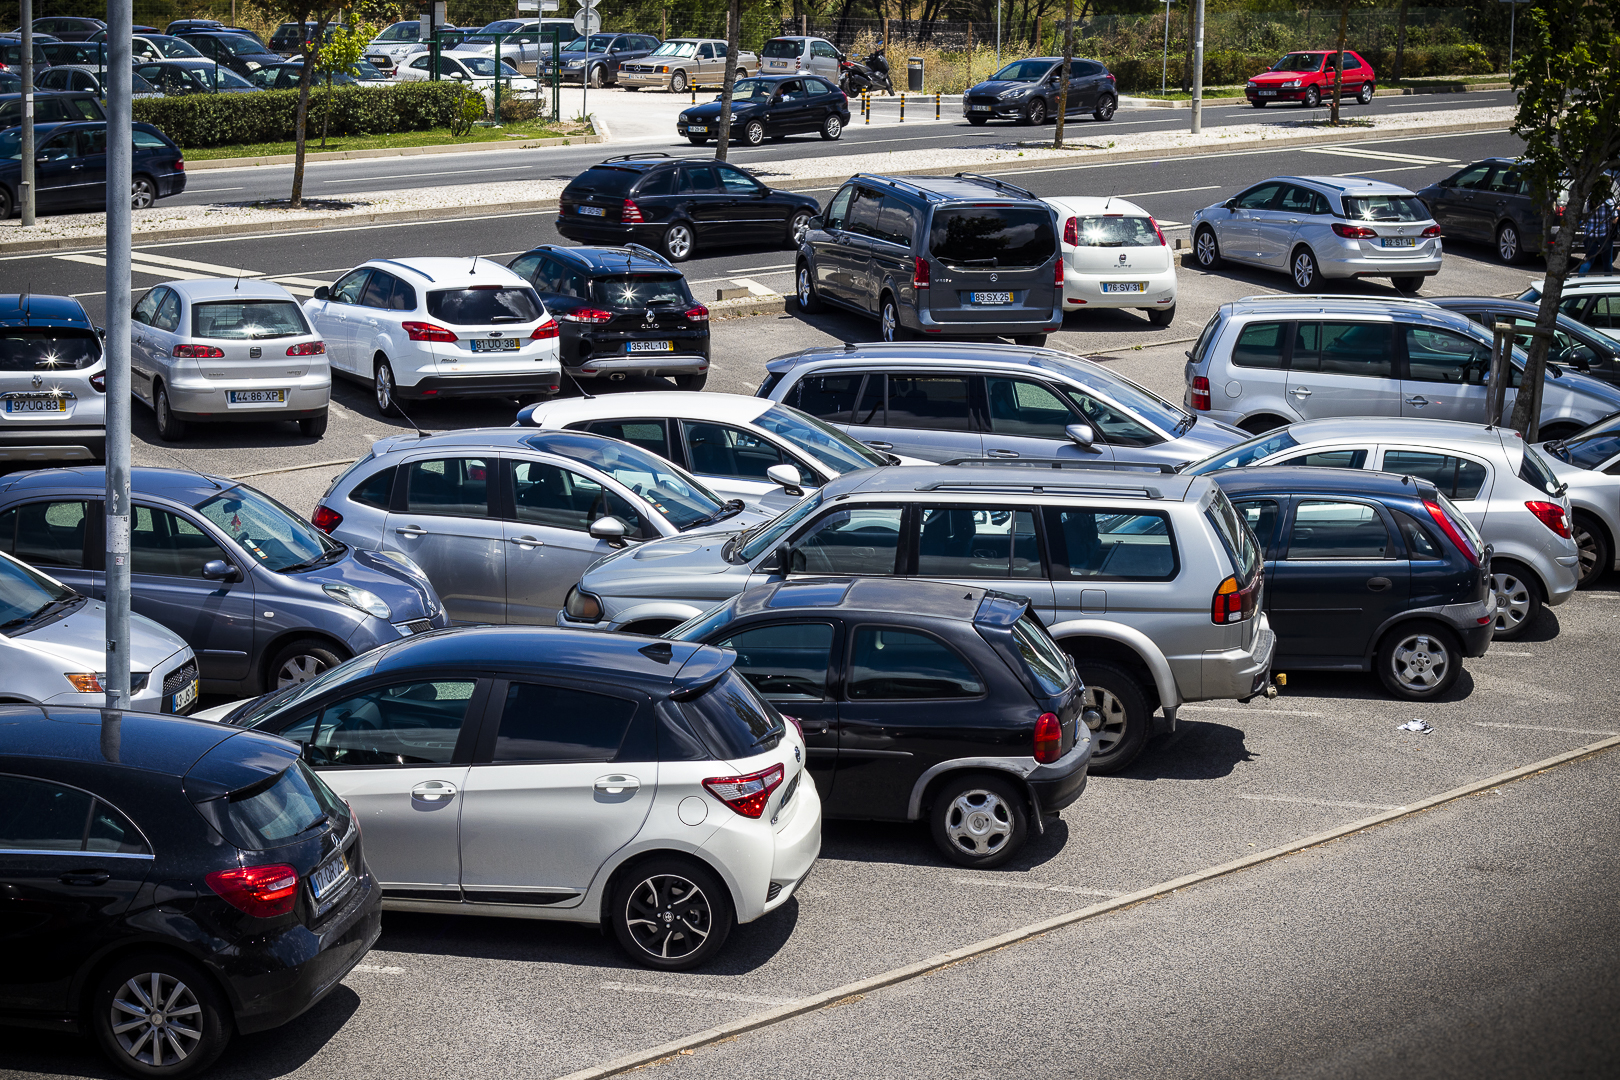 Mais de 100 viaturas importadas de alta gama apreendidas no distrito de Aveiro